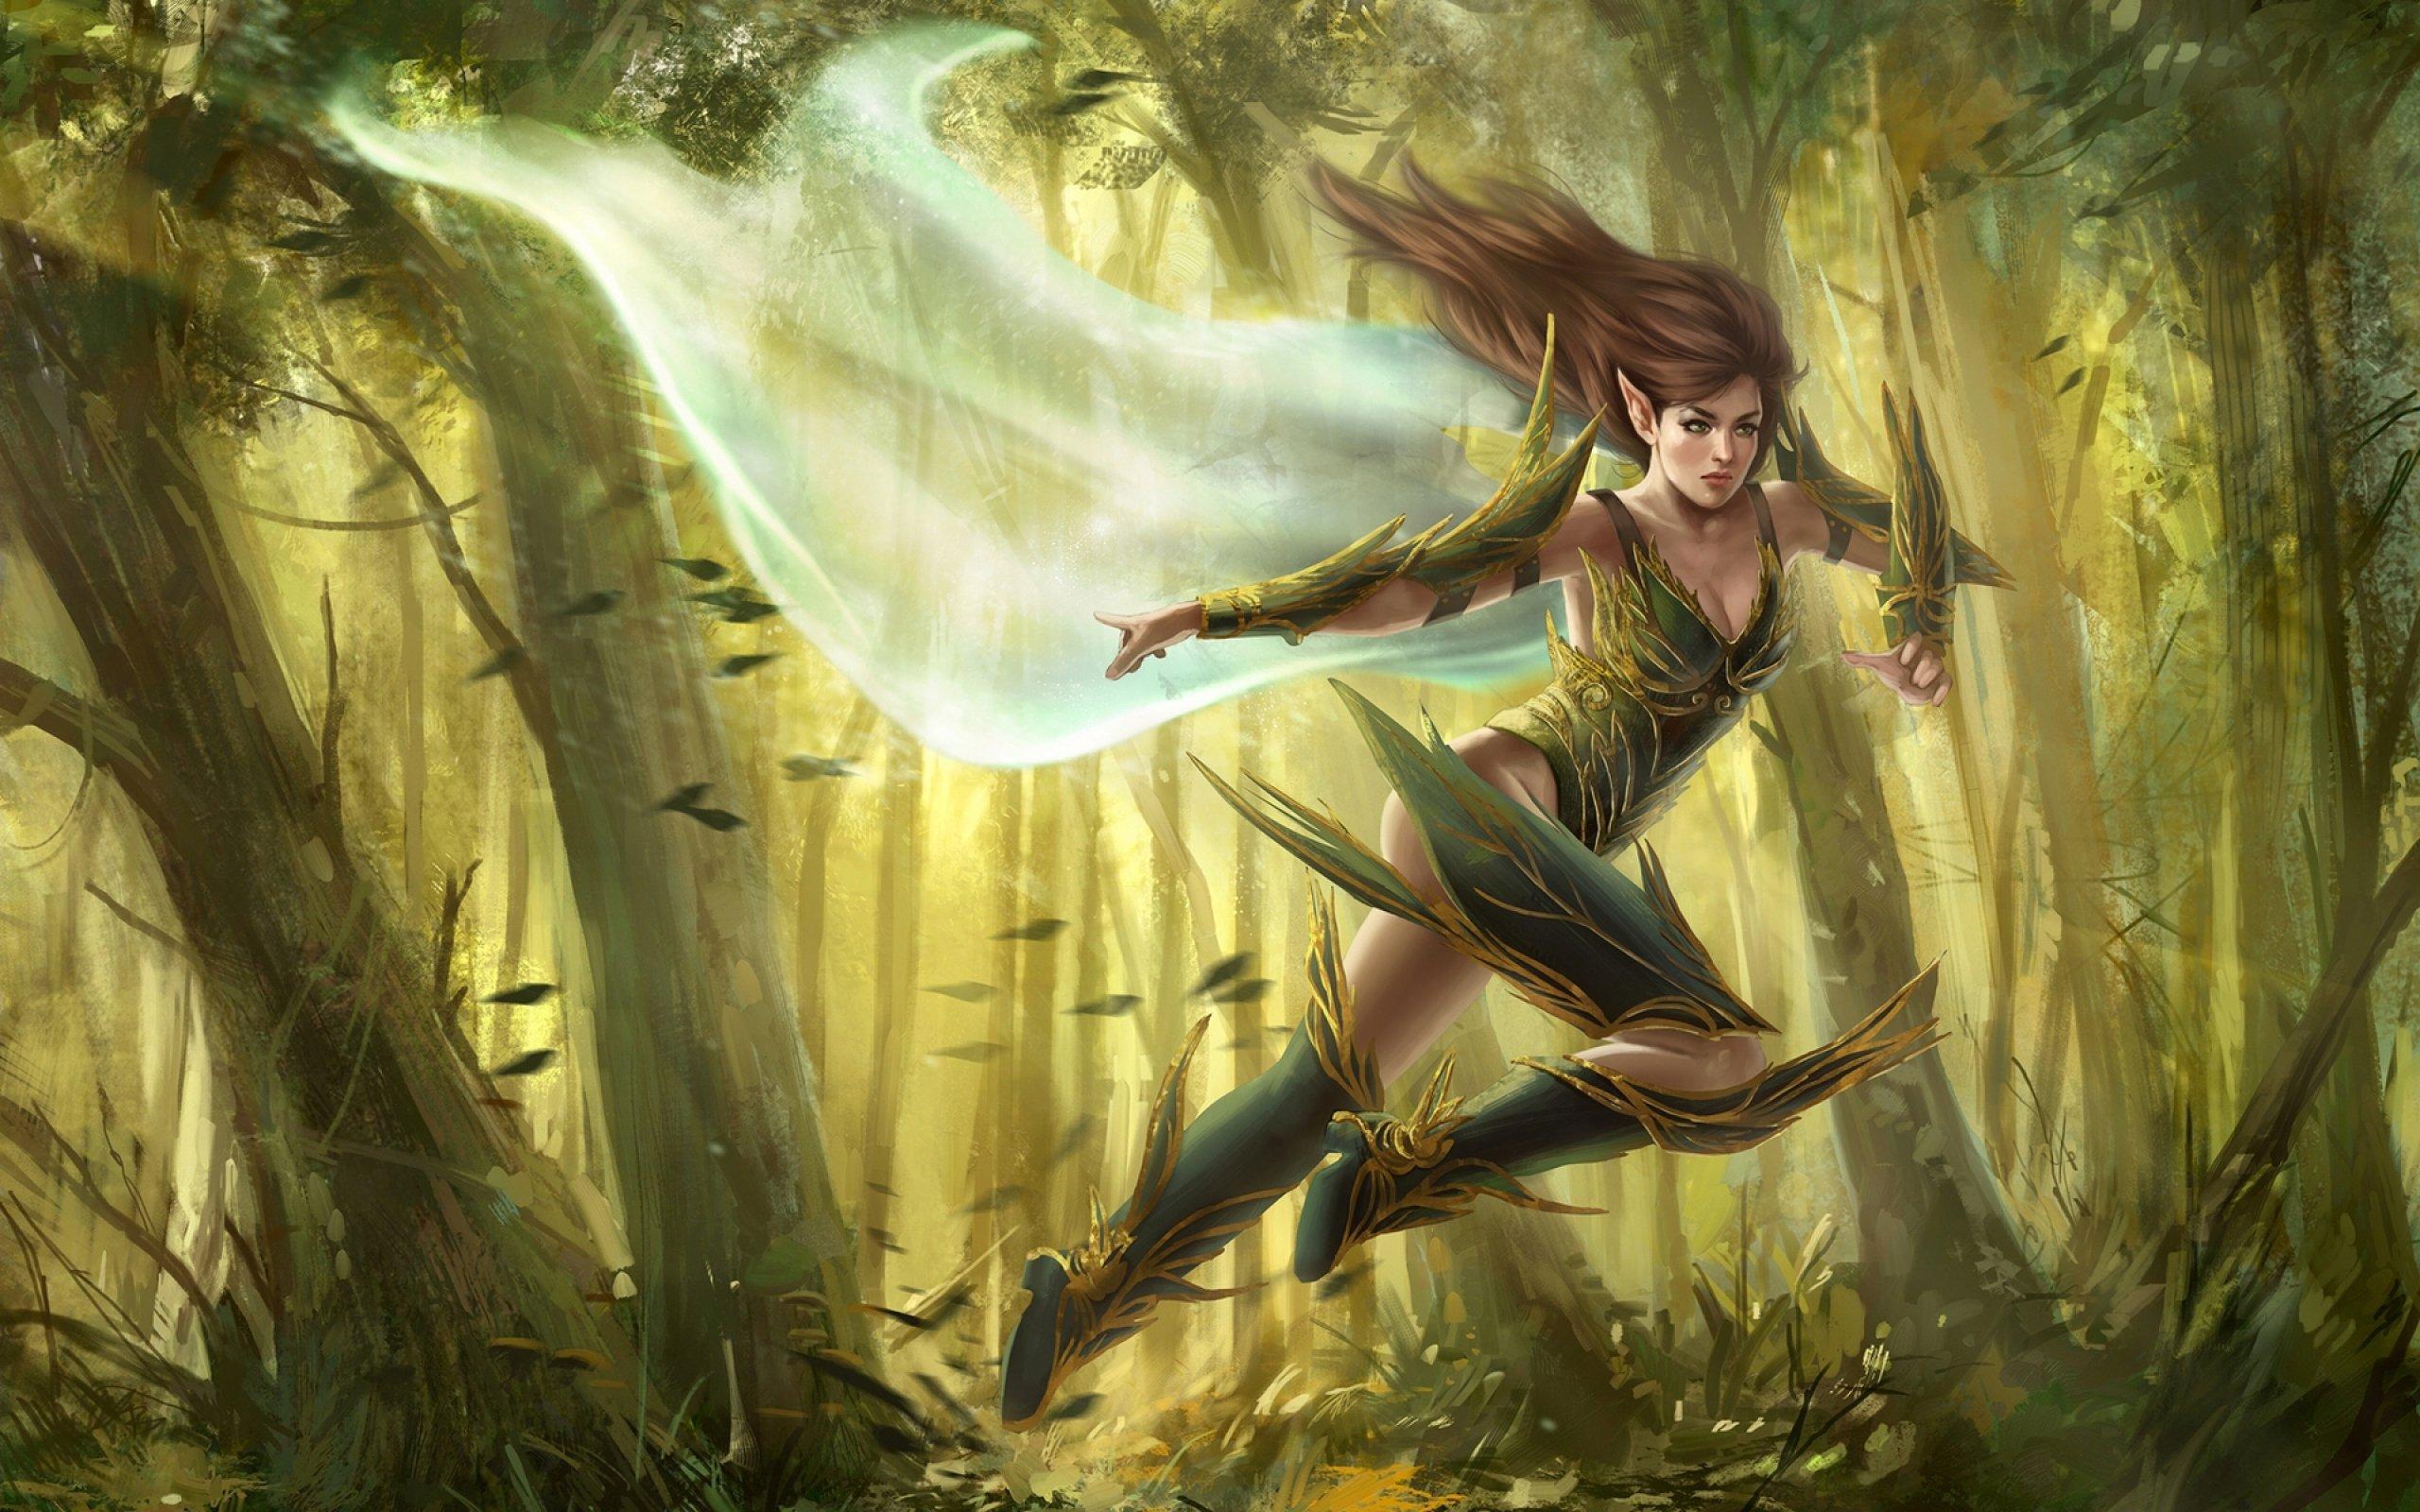 elves murder artwork - photo #11